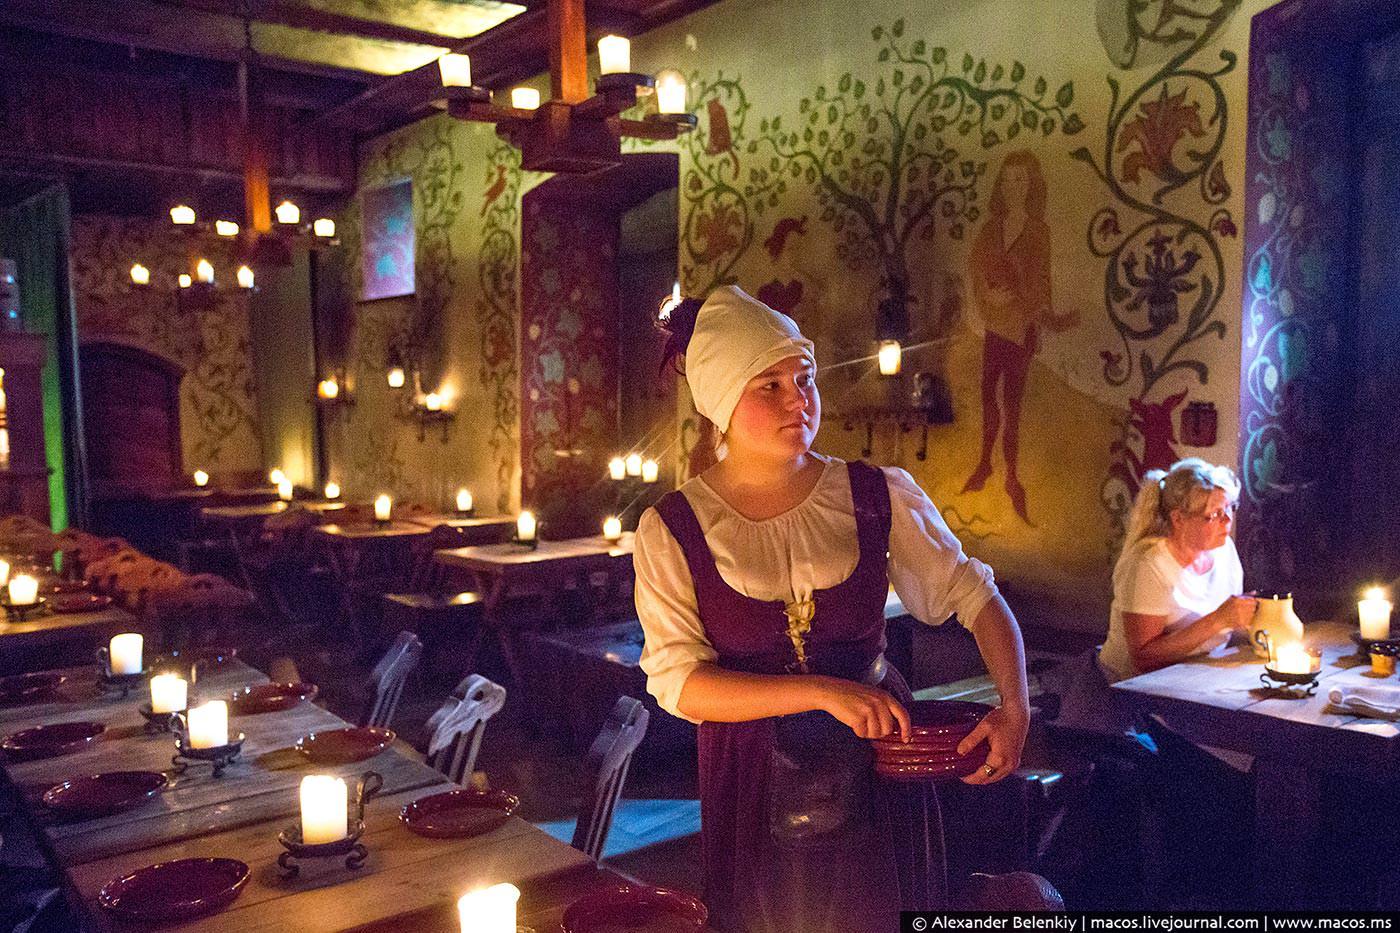 Ресторан для голодных варваров в Таллине